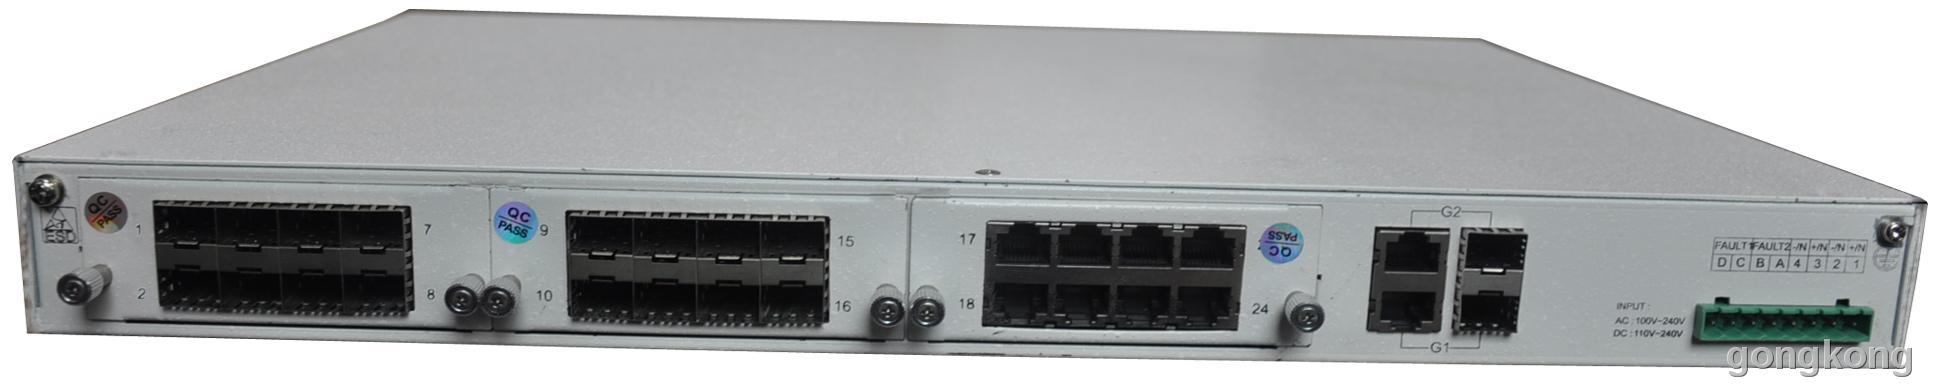 讯展 R20-C系列 模块化机架工业网管交换机